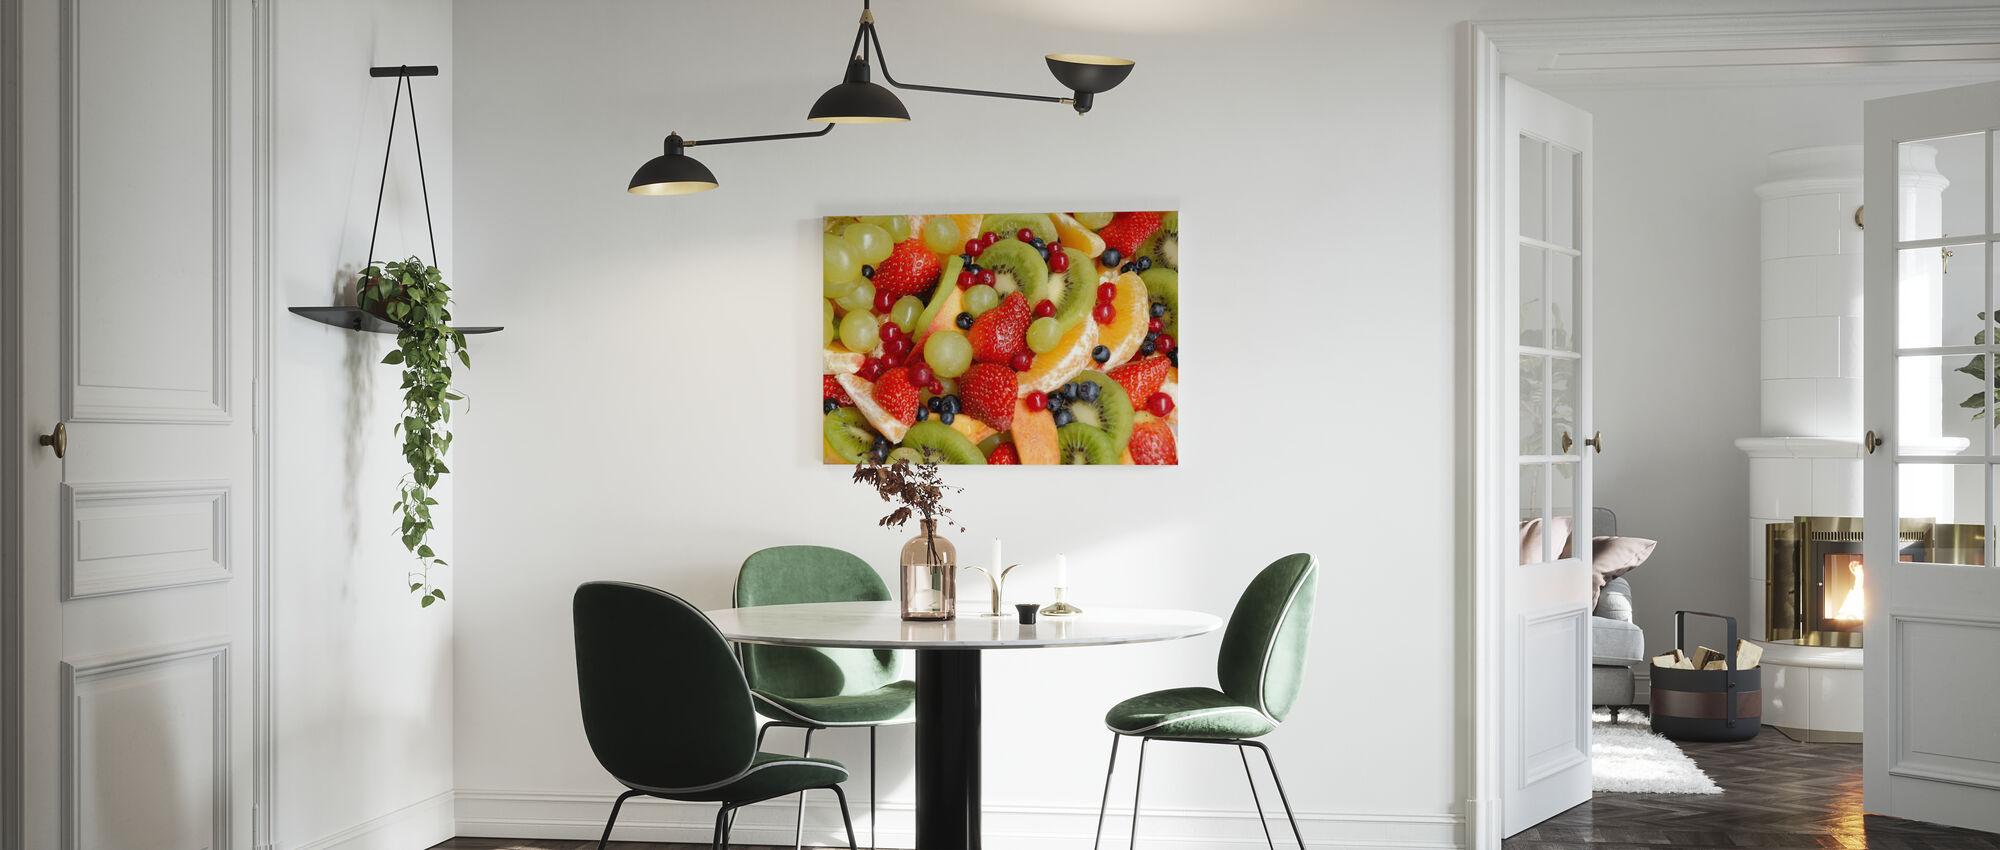 Frisk frugt - Billede på lærred - Køkken